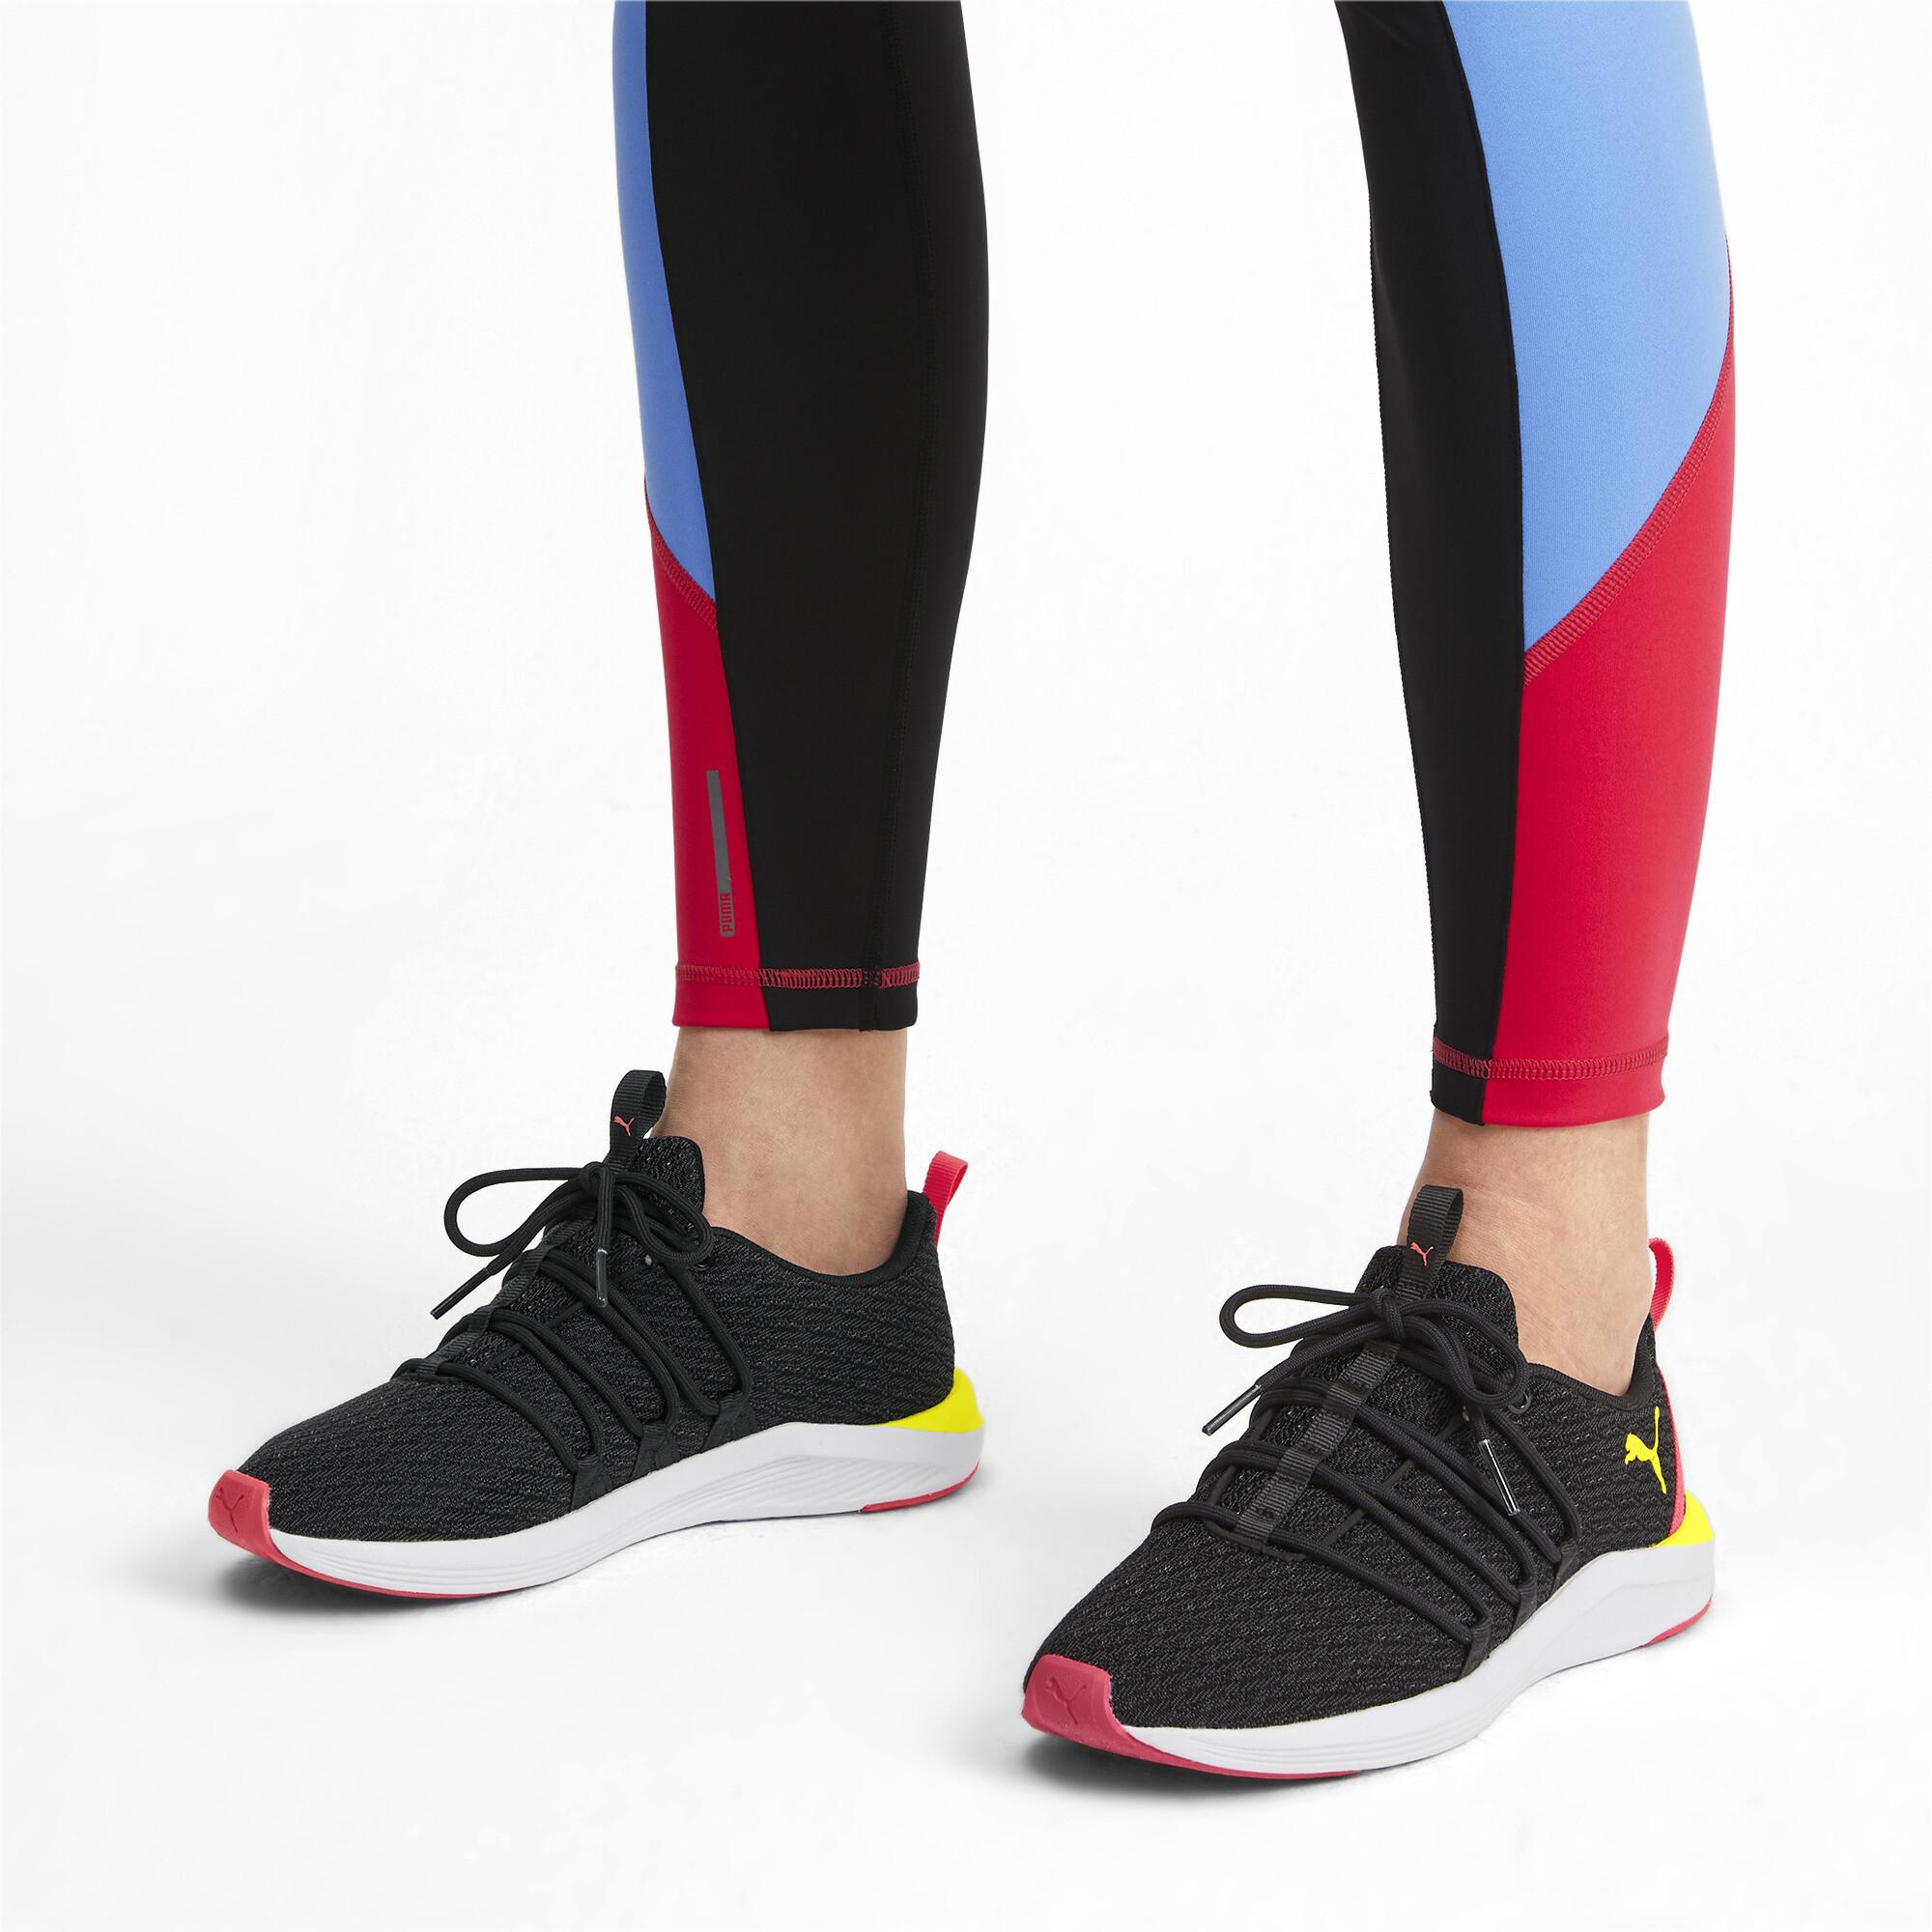 PUMA-Prowl-Alt-Neon-Women-s-Training-Shoes-Women-Shoe-Training thumbnail 5